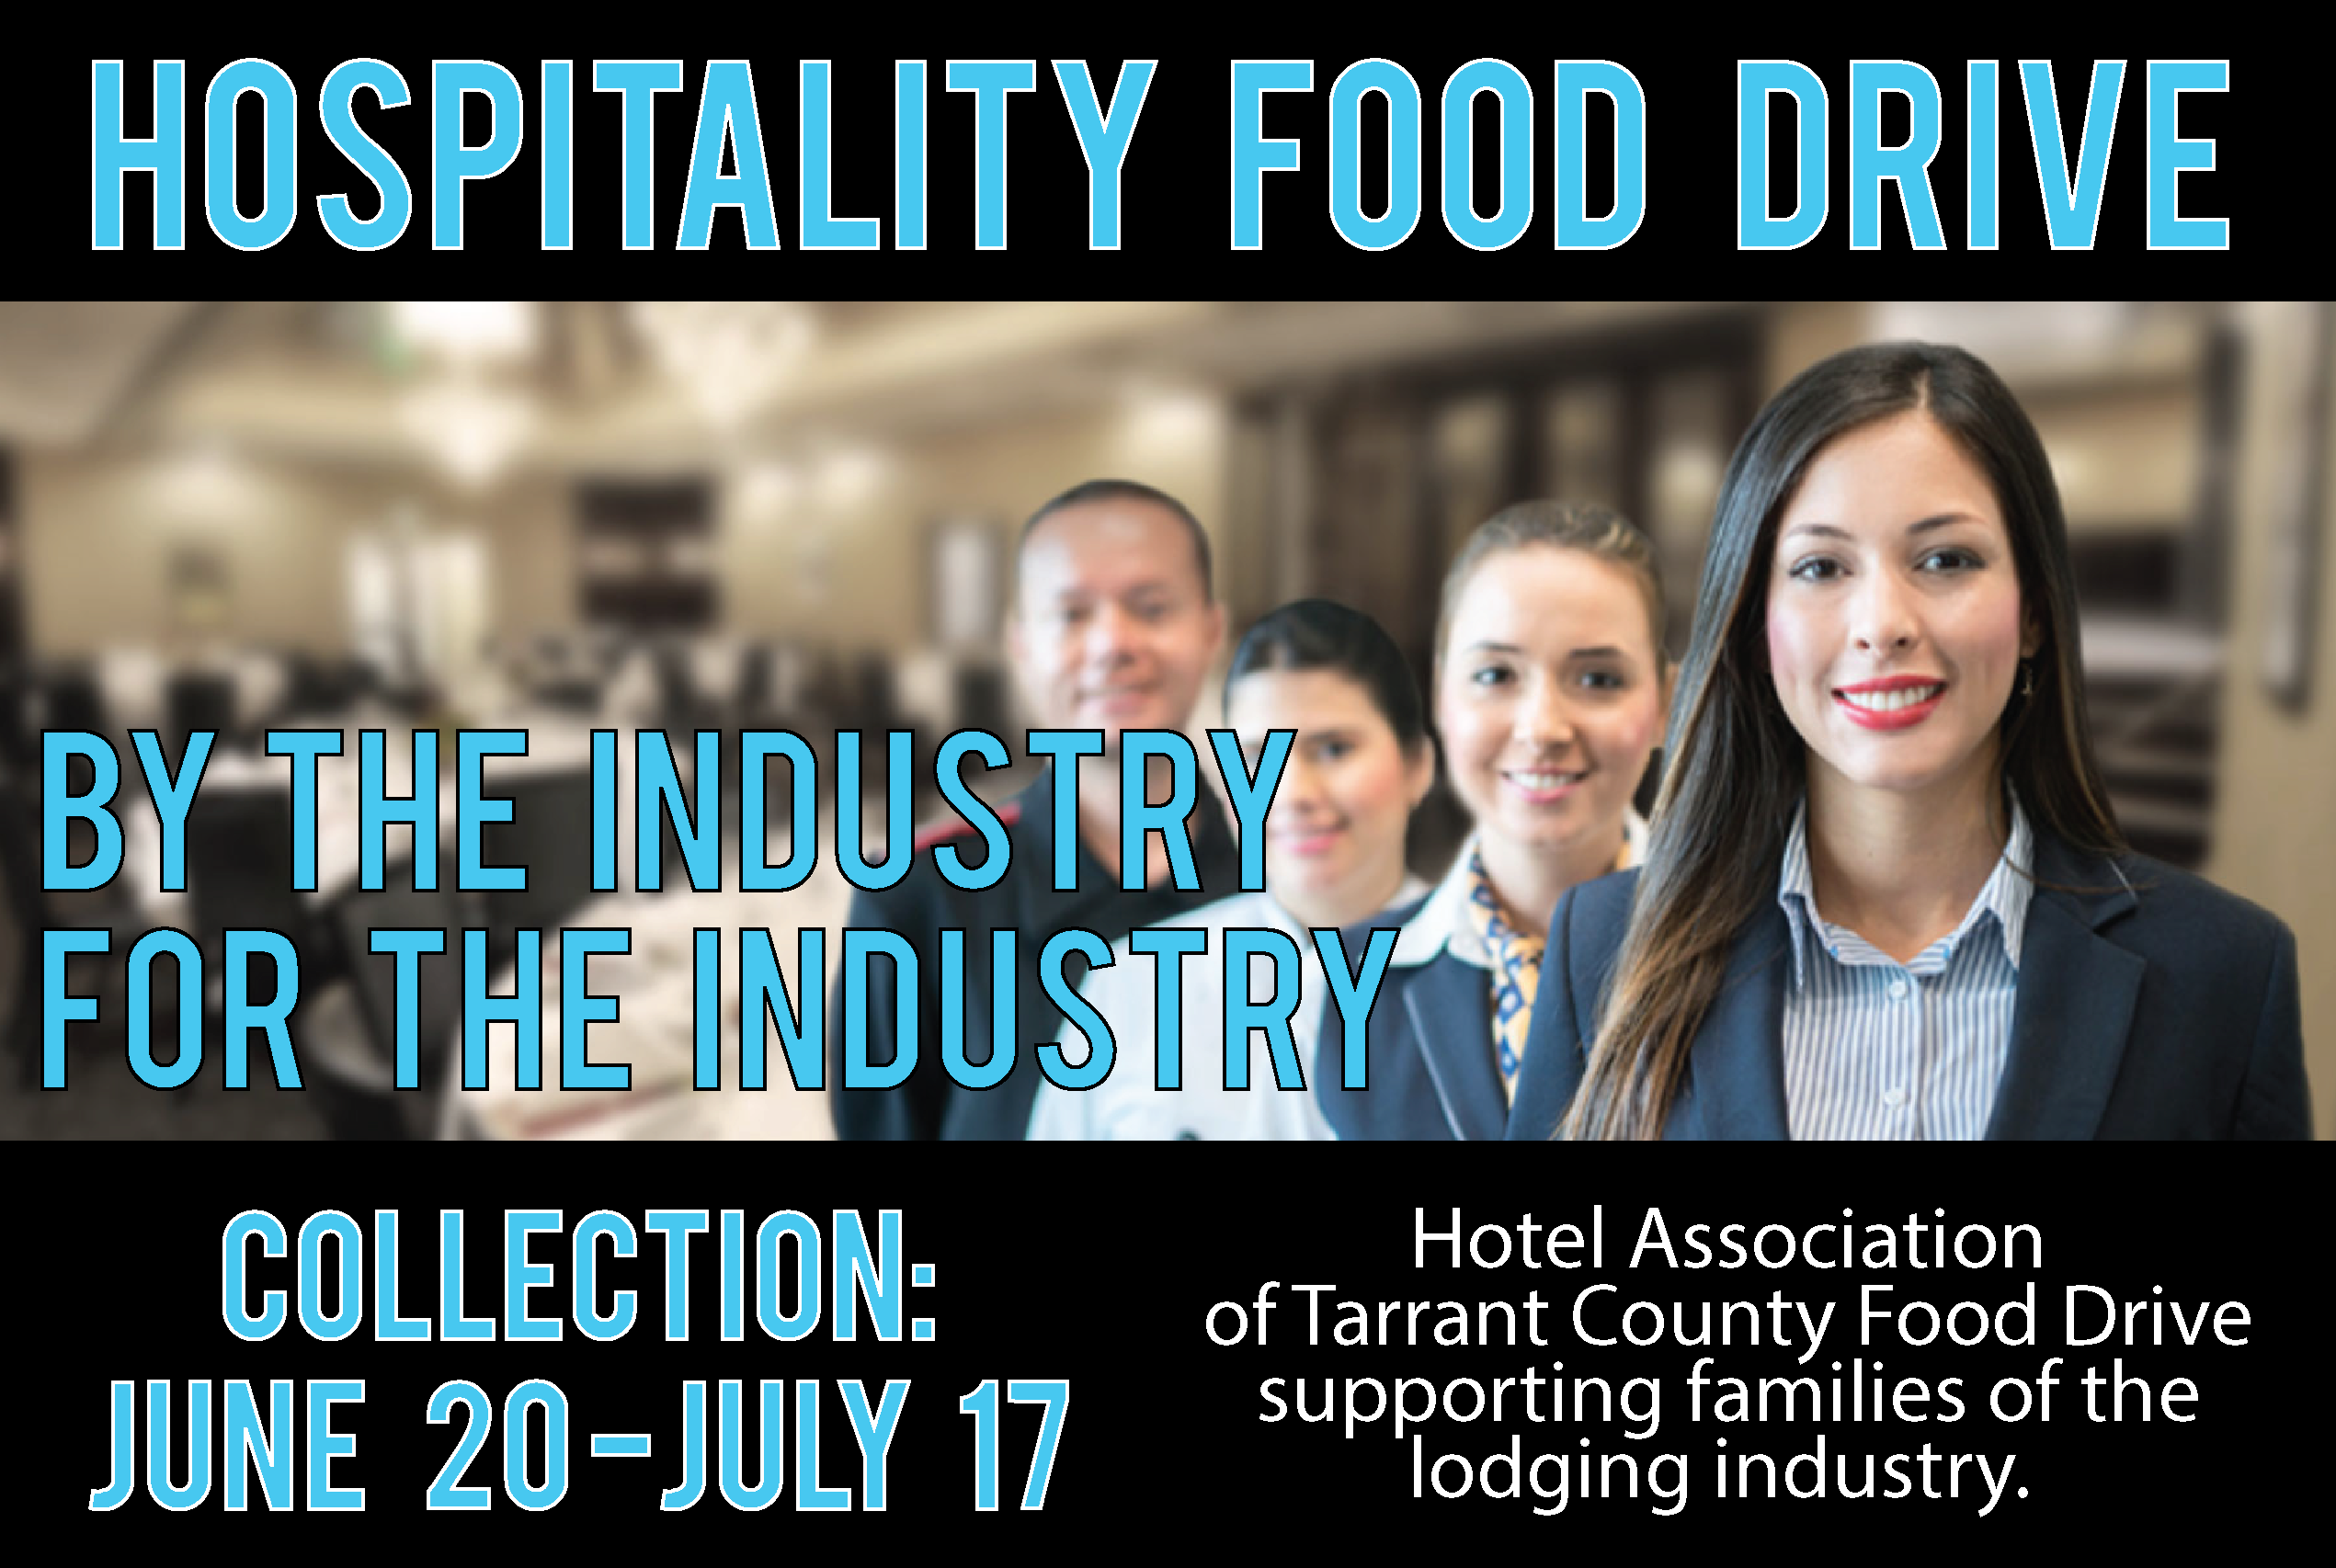 Hospitality Food Drive